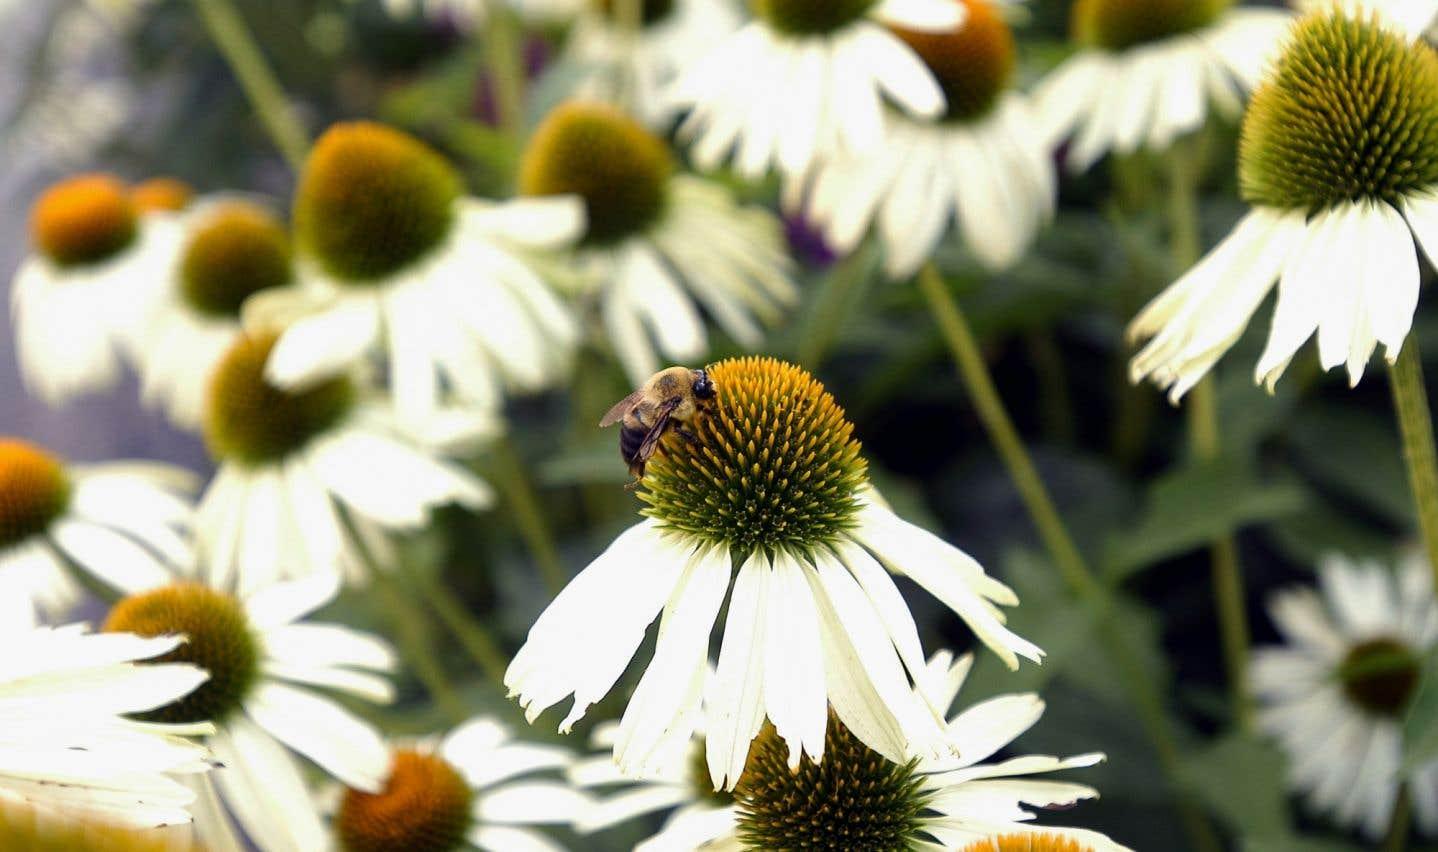 Les plantes ont la capacité de se «reconnaître» les unes des autres grâce à leurs sécrétions chimiques spécifiques, nous enseigne la science. Chaque système racinaire tente d'occuper le meilleur espace.